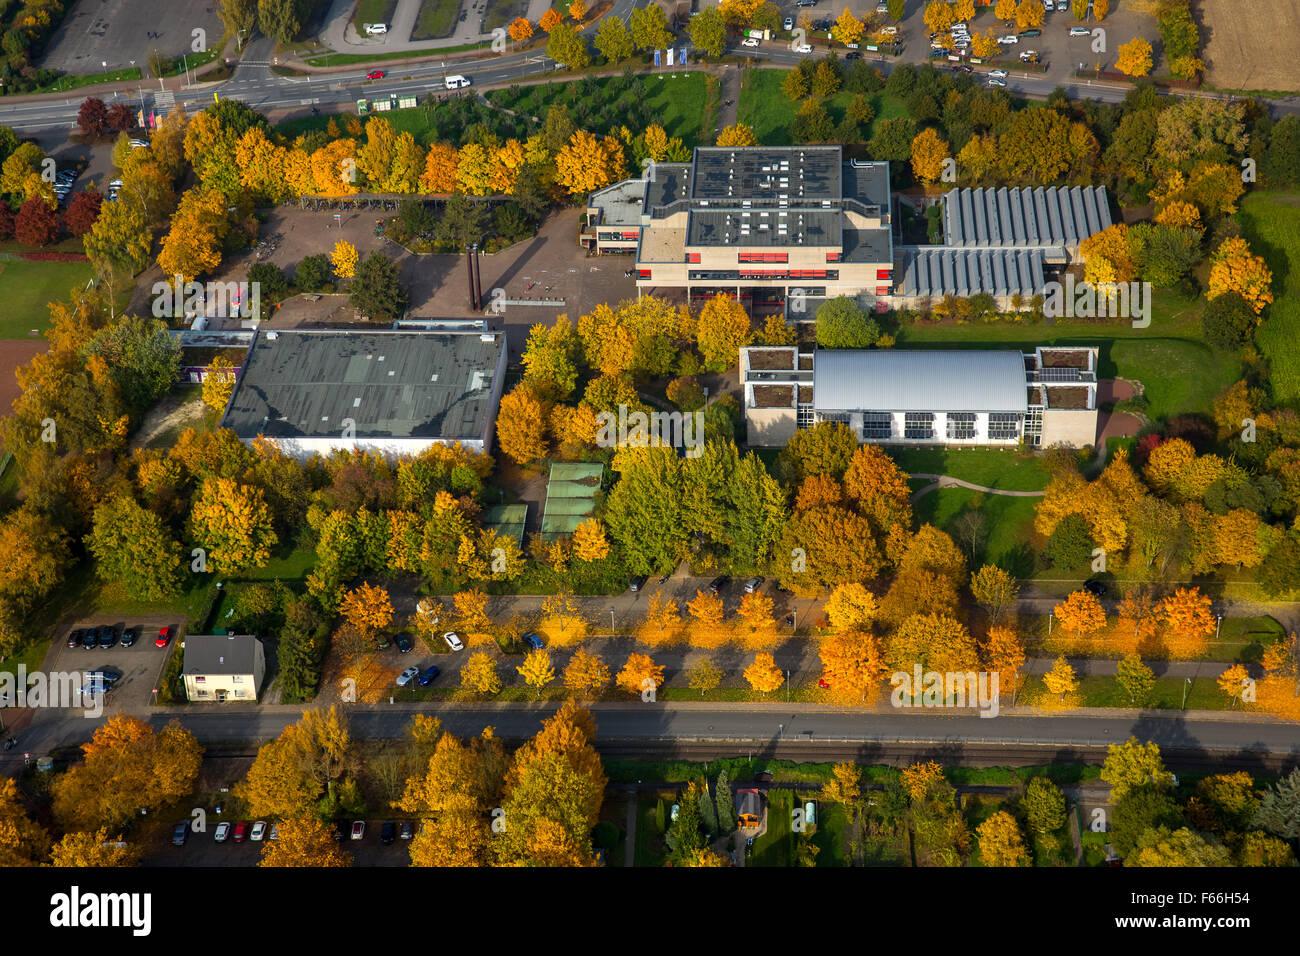 Freiherr-vom-Stein-Gymnasium in autumn foliage, gymnasium, Europe aerial view birds-eyes view photography Aerial - Stock Image